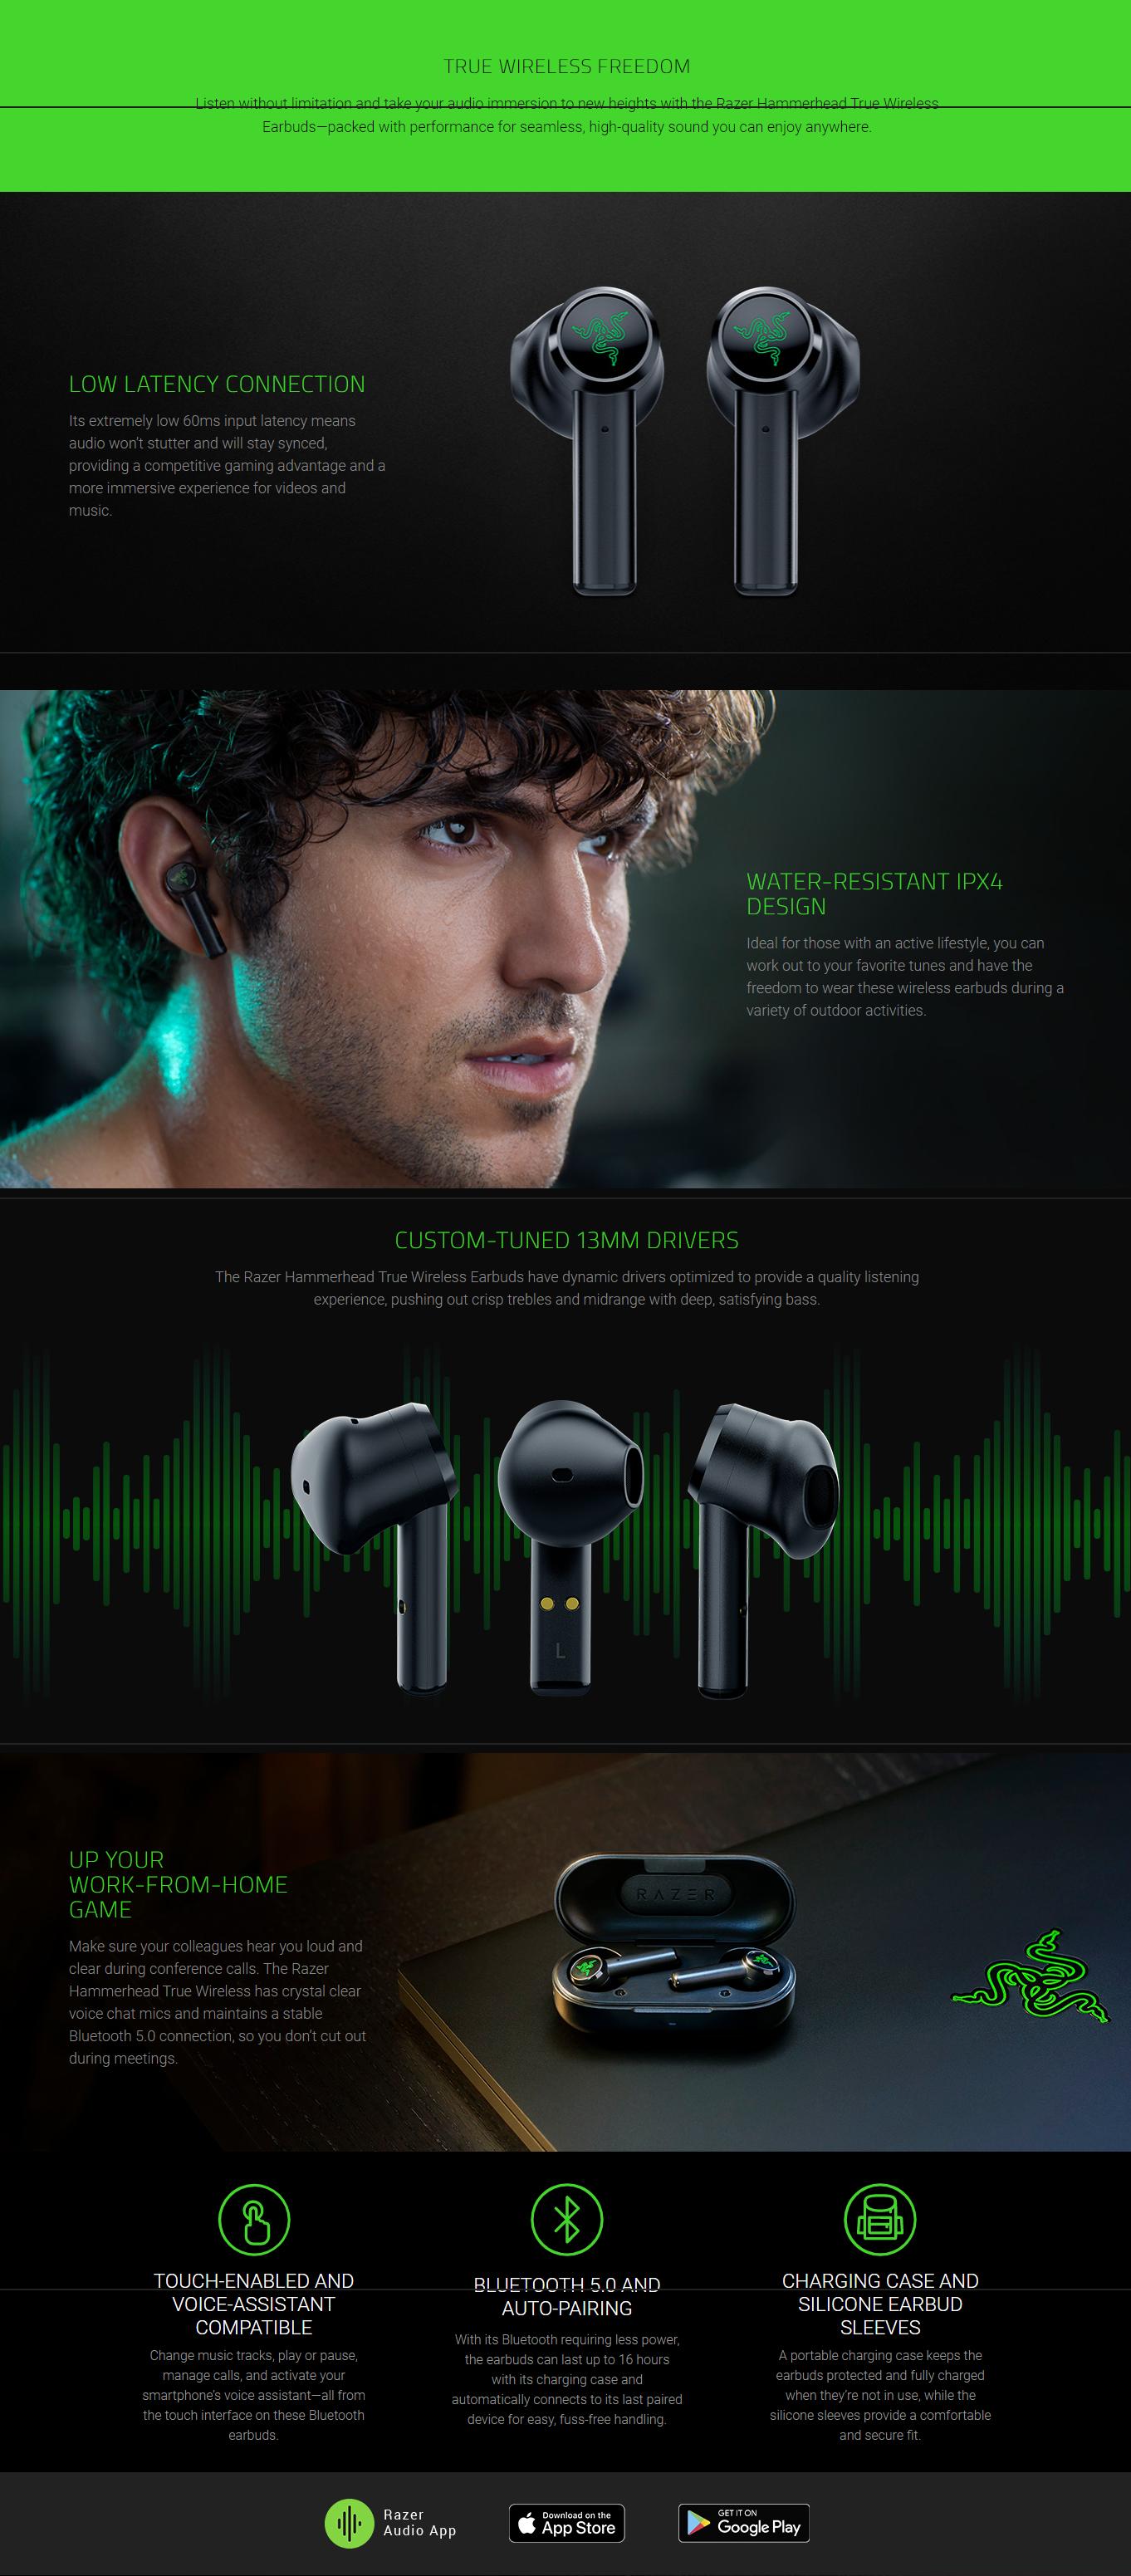 Razer-Hammerhead-True-Wireless-Earbuds